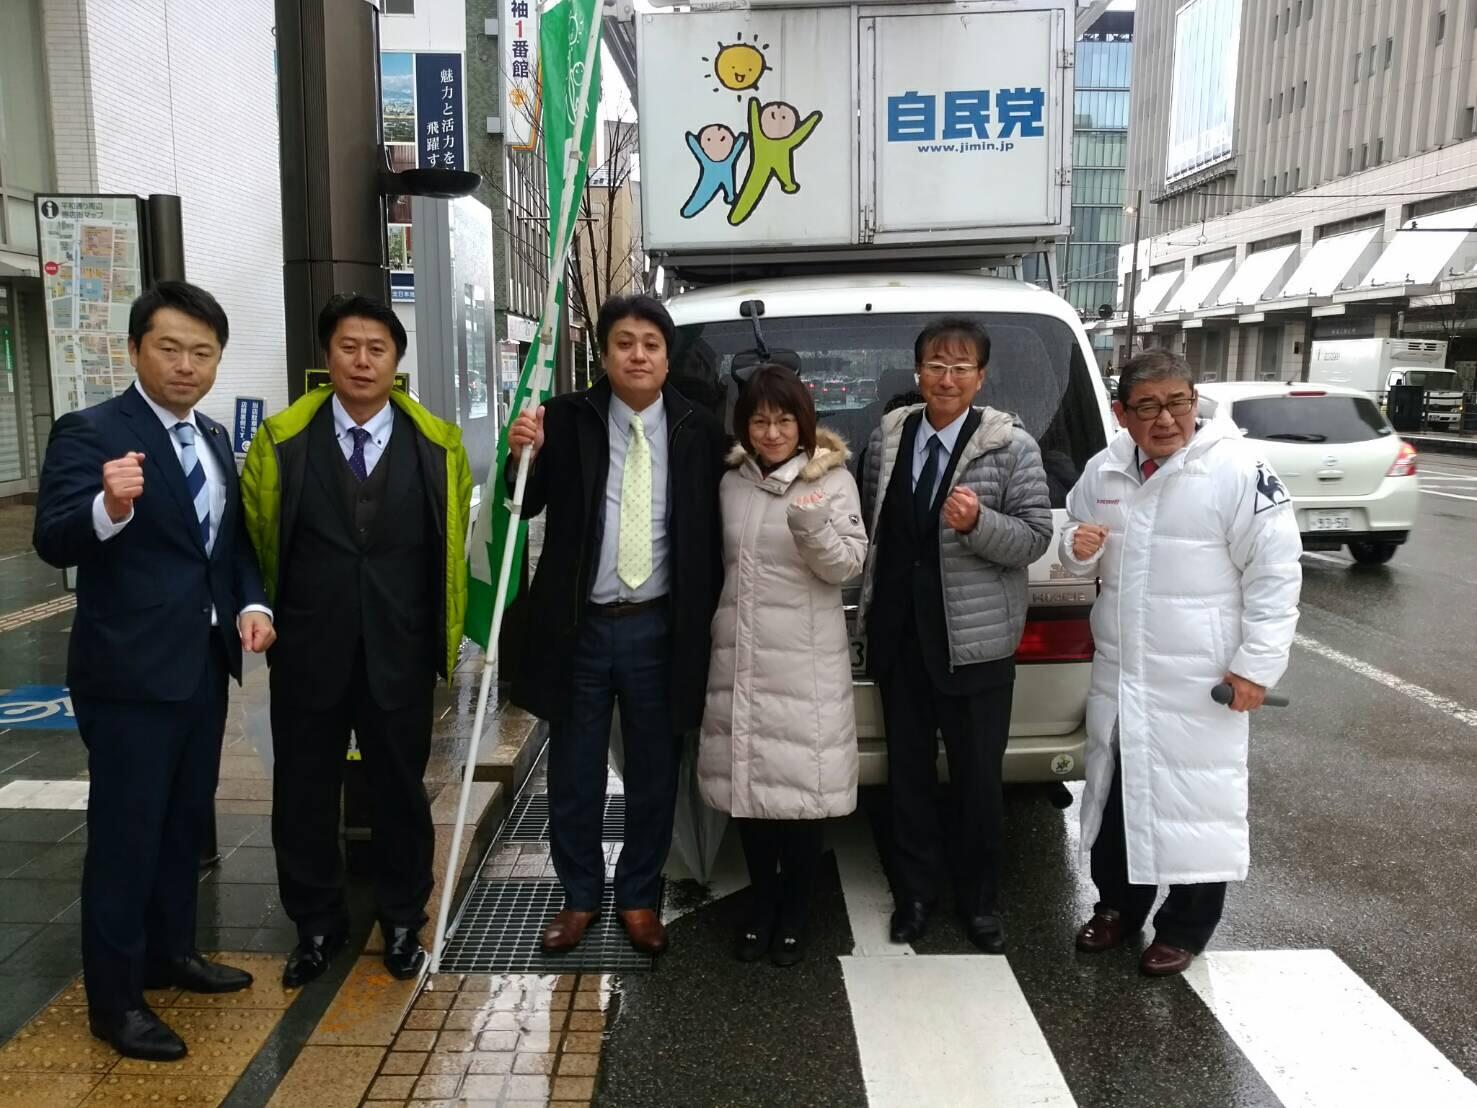 富山市 新年初の街頭演説